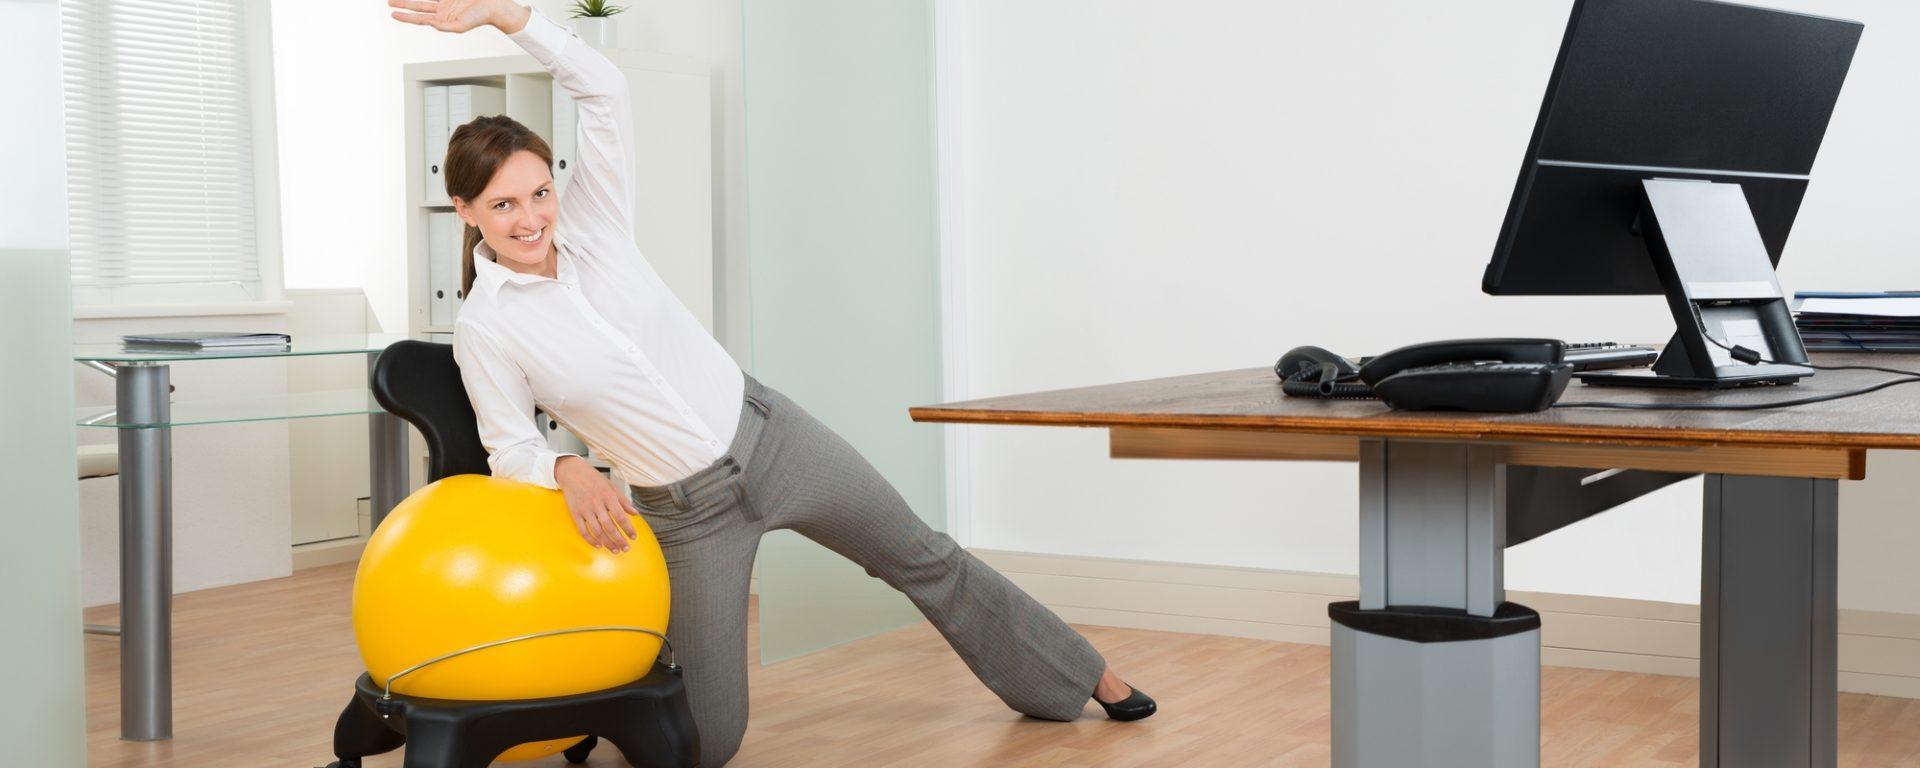 Büro Fitness Für Frauen